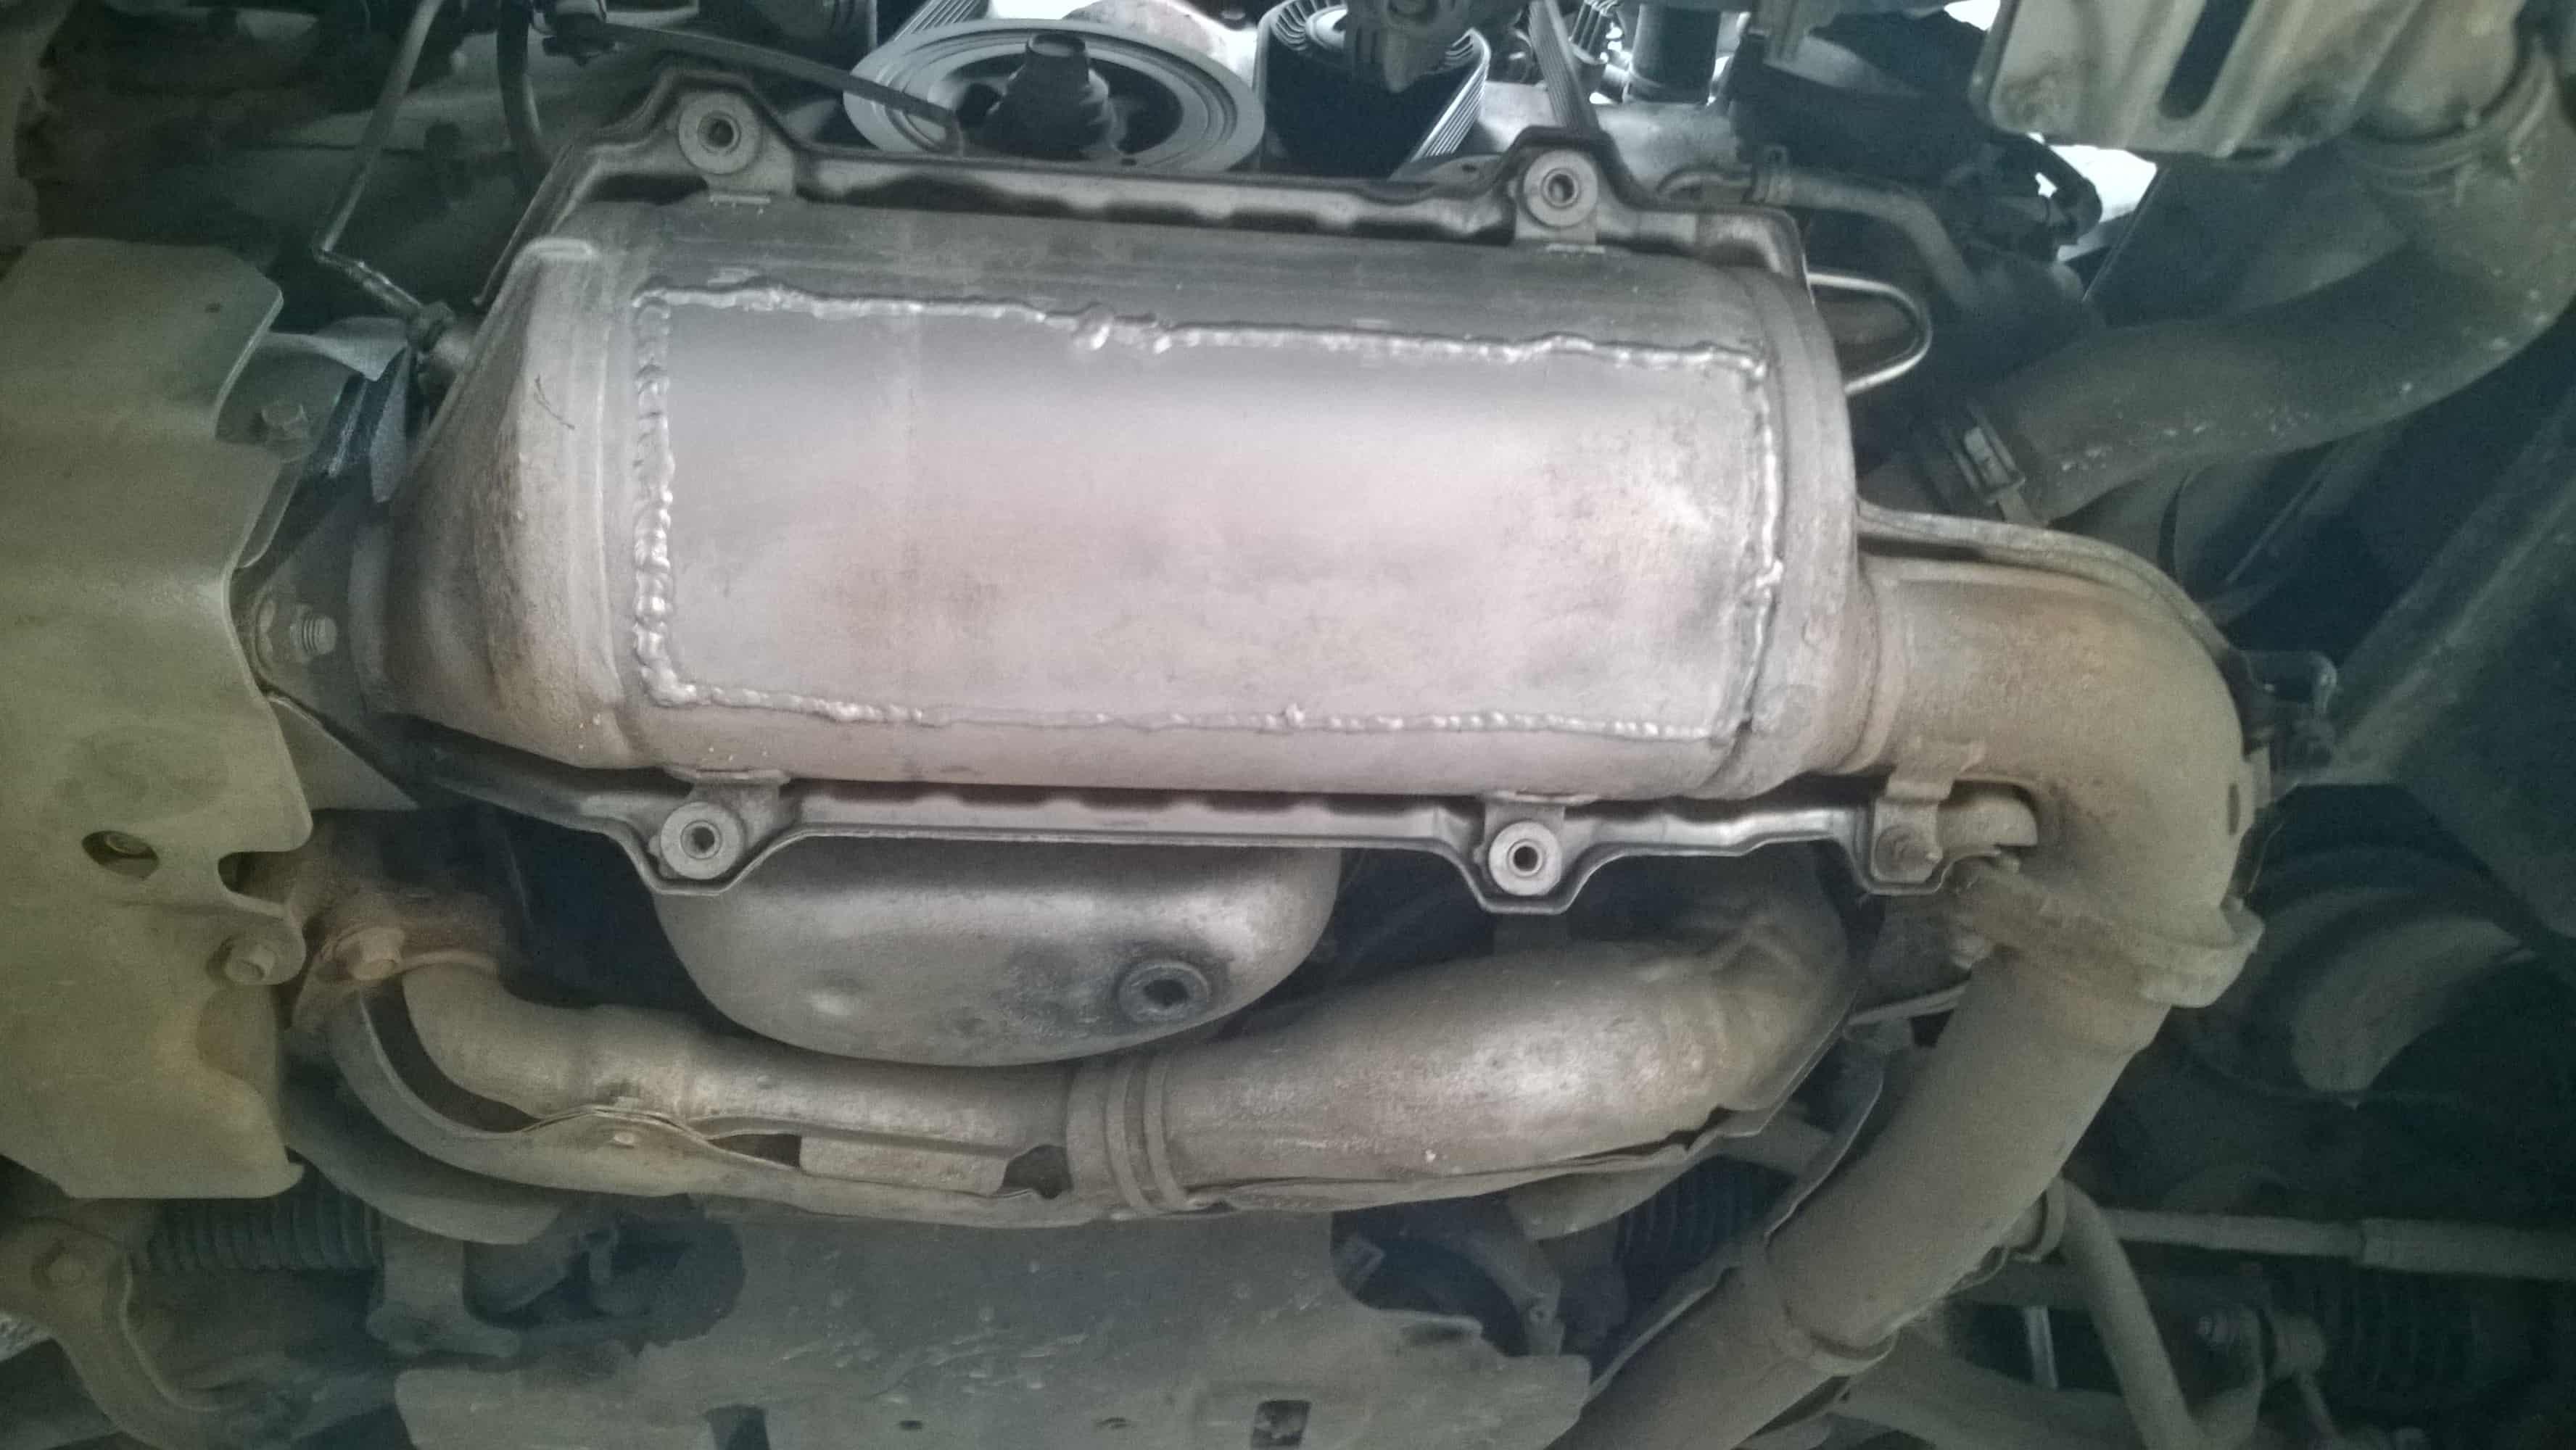 Удаление сажевые фильтра Subaru Forester 2.0